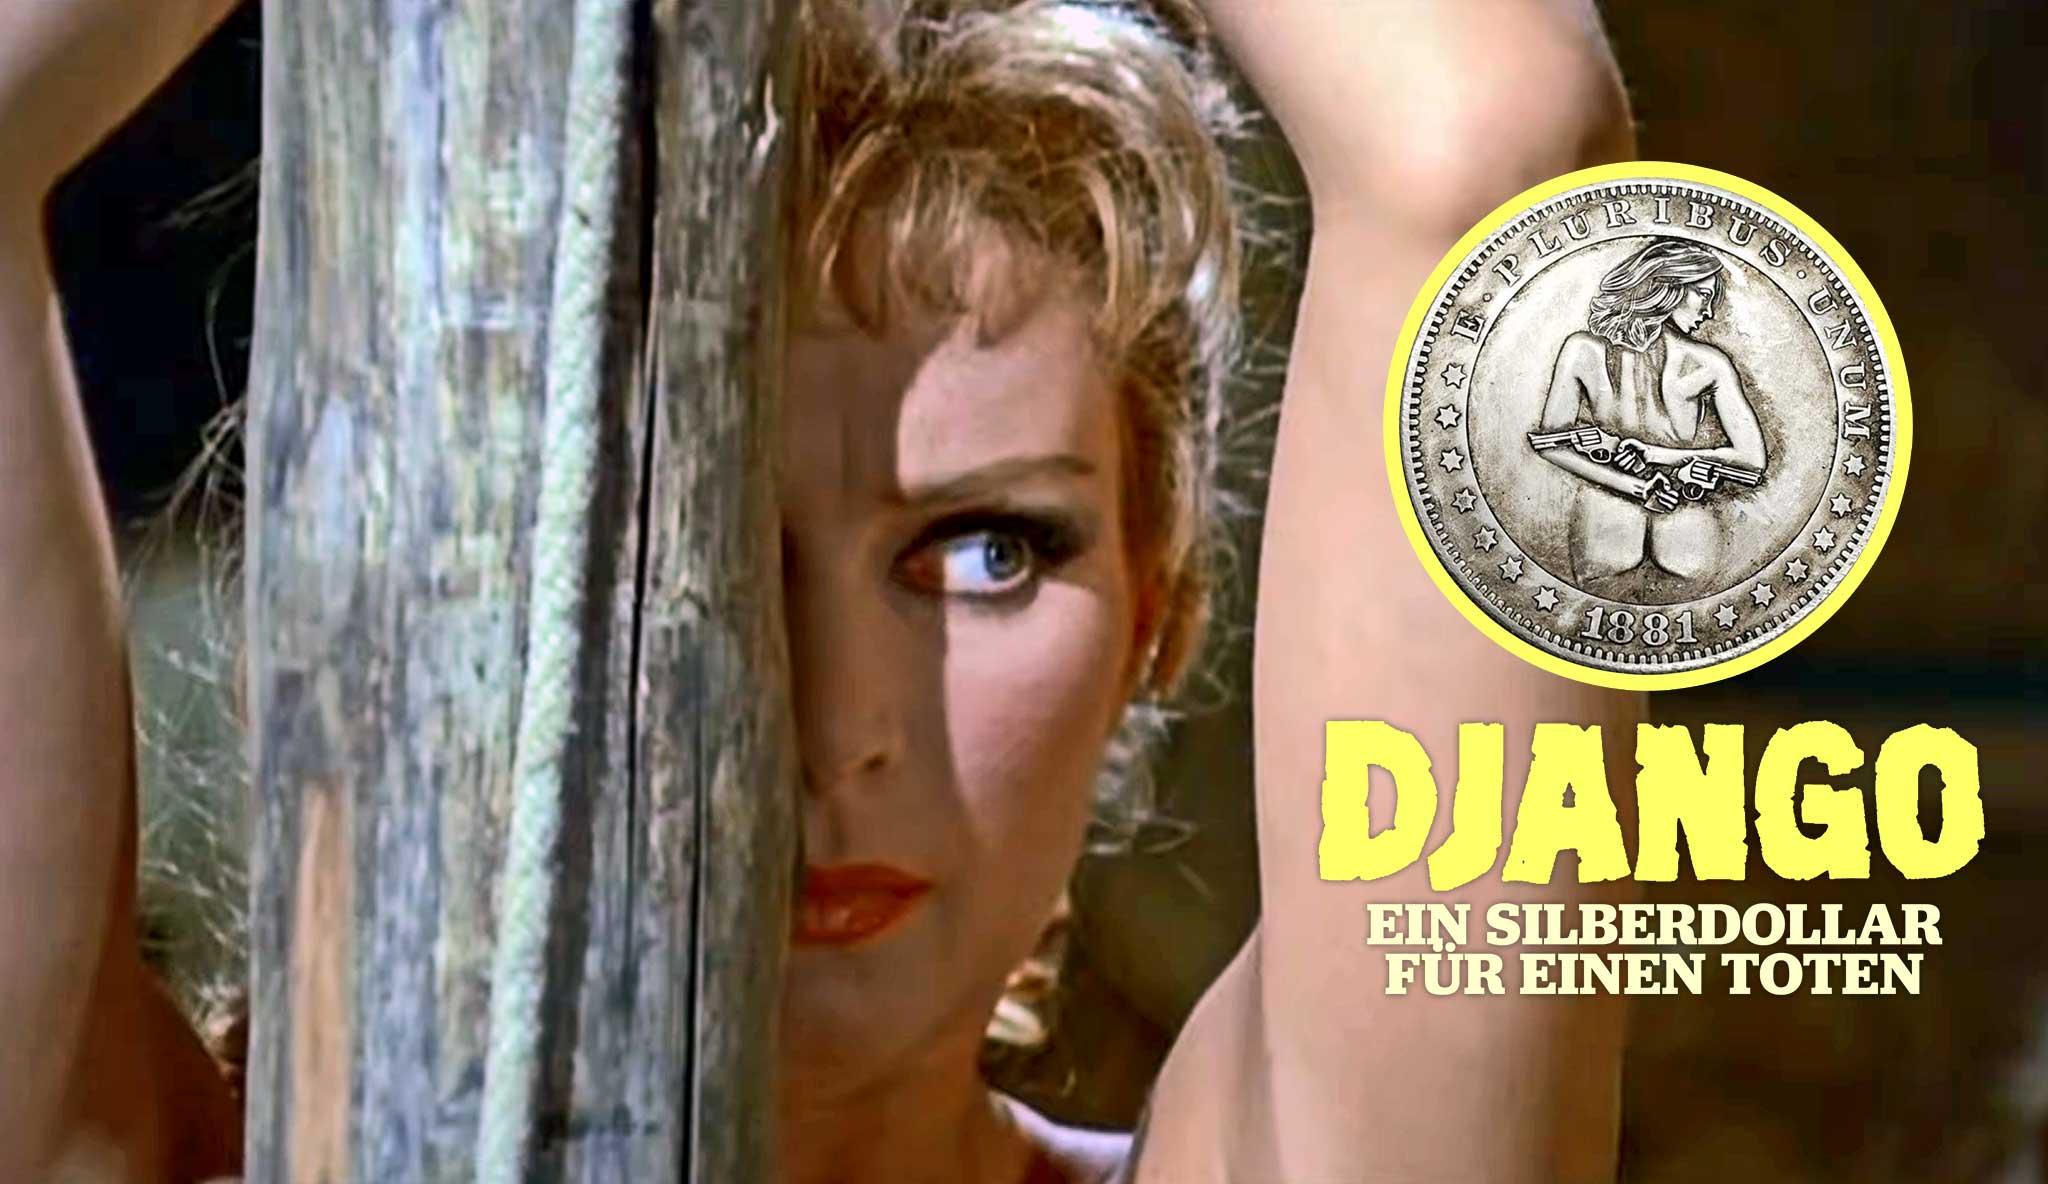 django-ein-silberdollar-fur-einen-toten\header.jpg